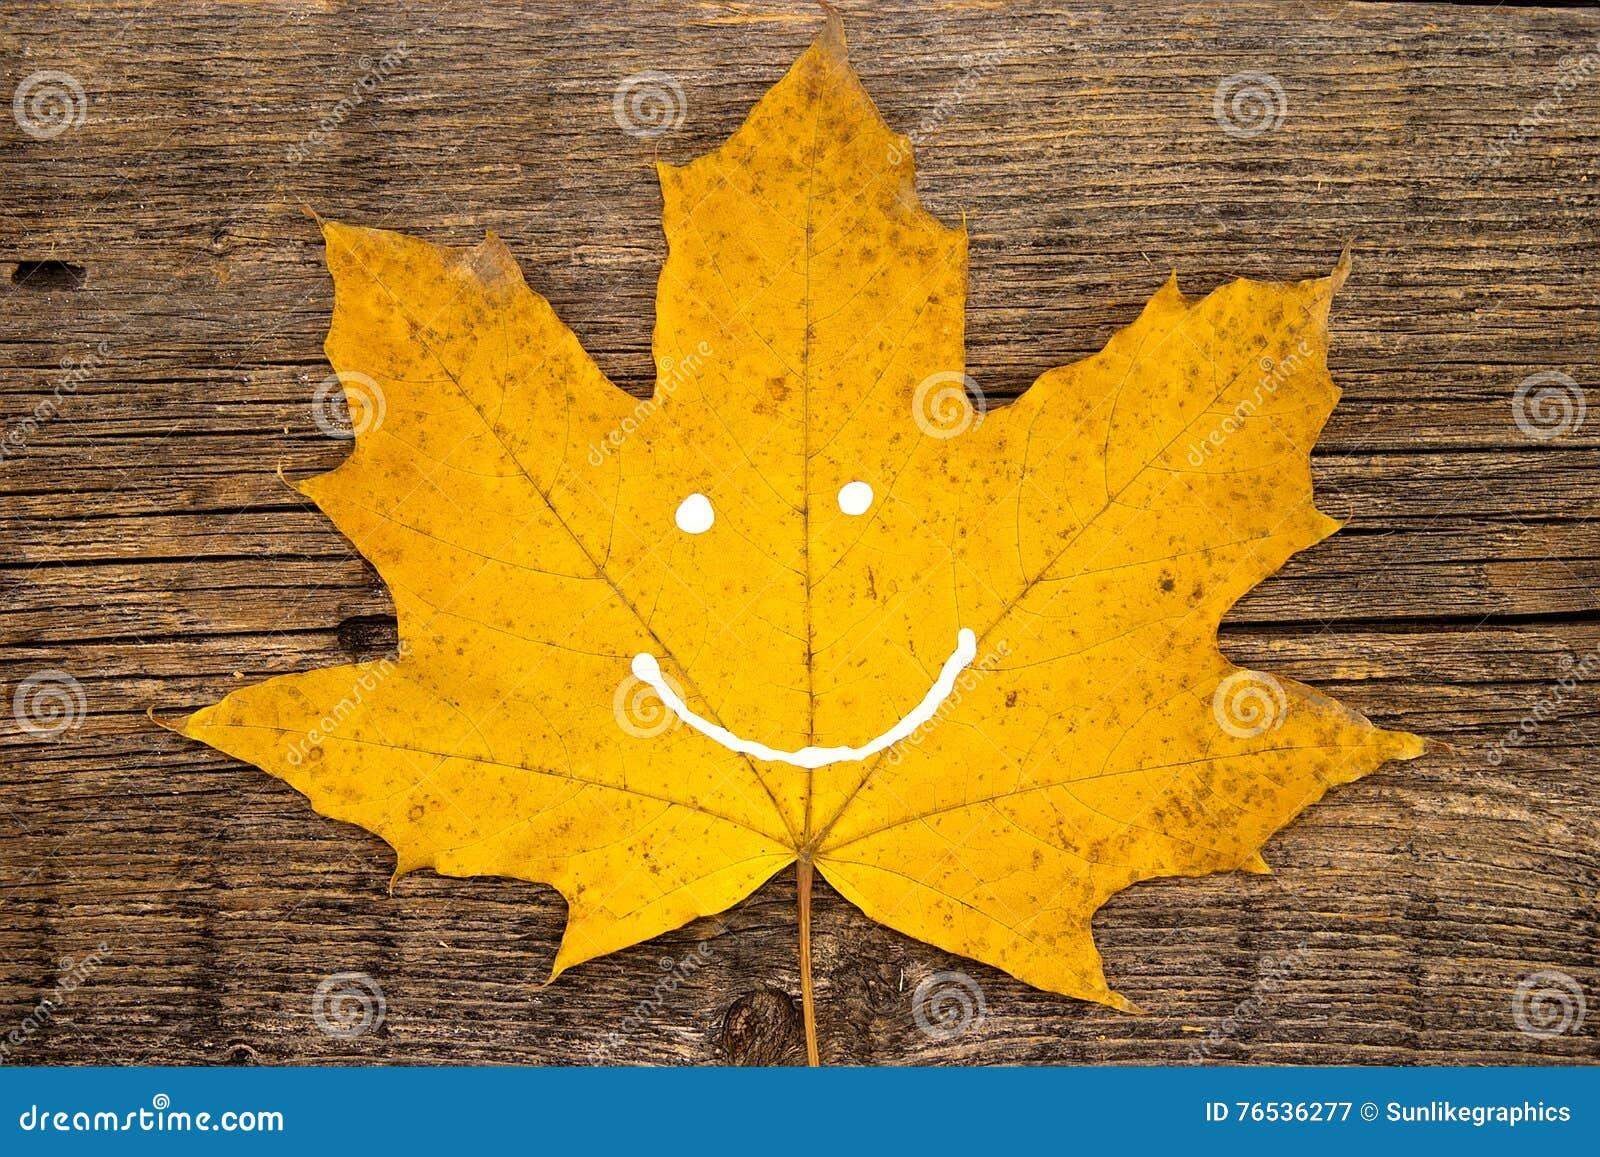 Hoja amarilla del otoño con sonrisa en fondo de madera rústico autum